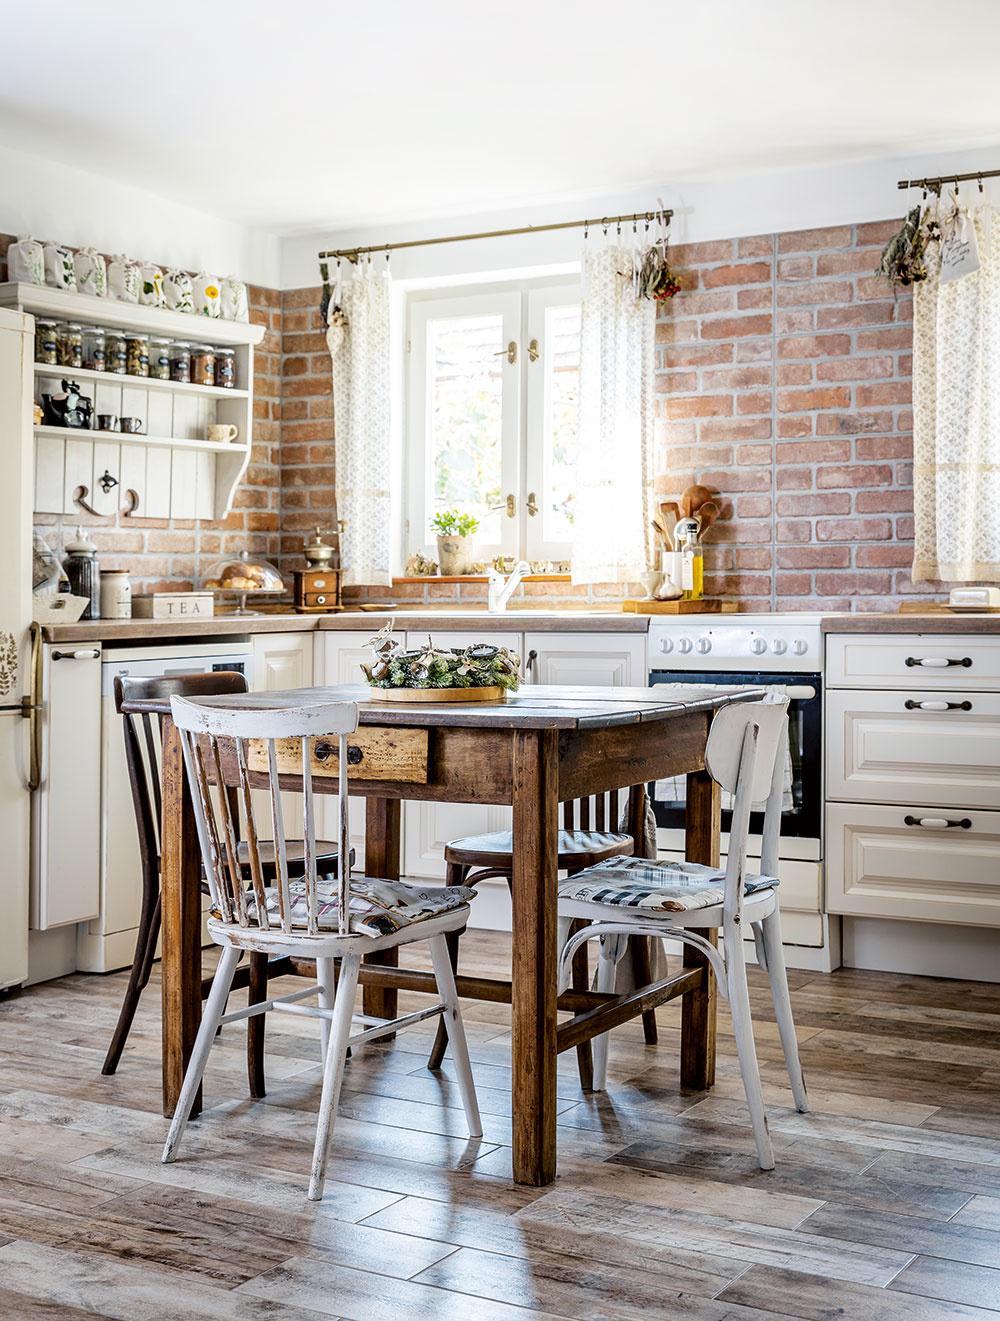 VIDIECKU KUCHYŇU tvoria svetlá kuchynská linka, tehlový obklad na stene a podlaha imitujúca drevo.